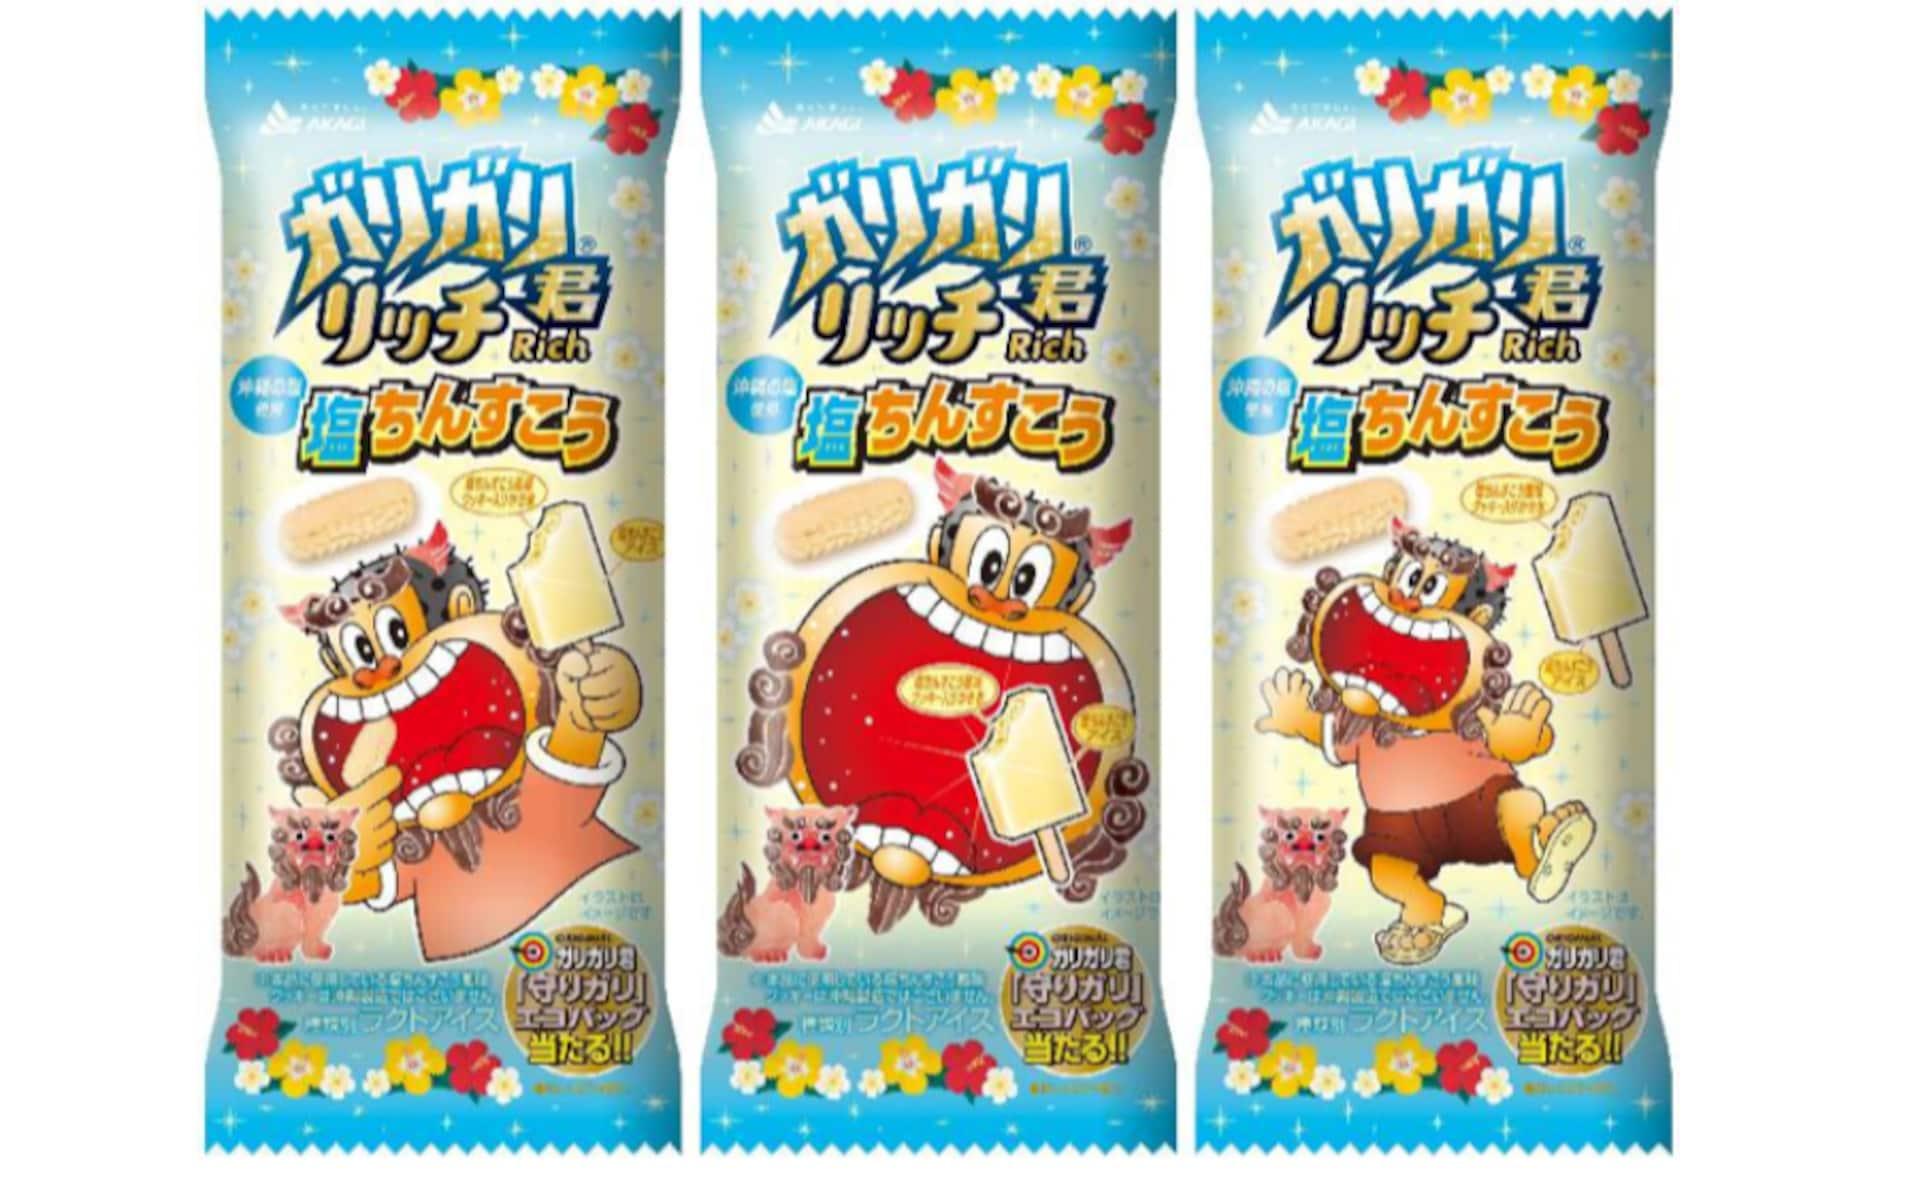 新味は沖縄土産の定番「塩ちんすこう」!? ガリガリ君の多彩なアイデアに思わず感動してしまった!